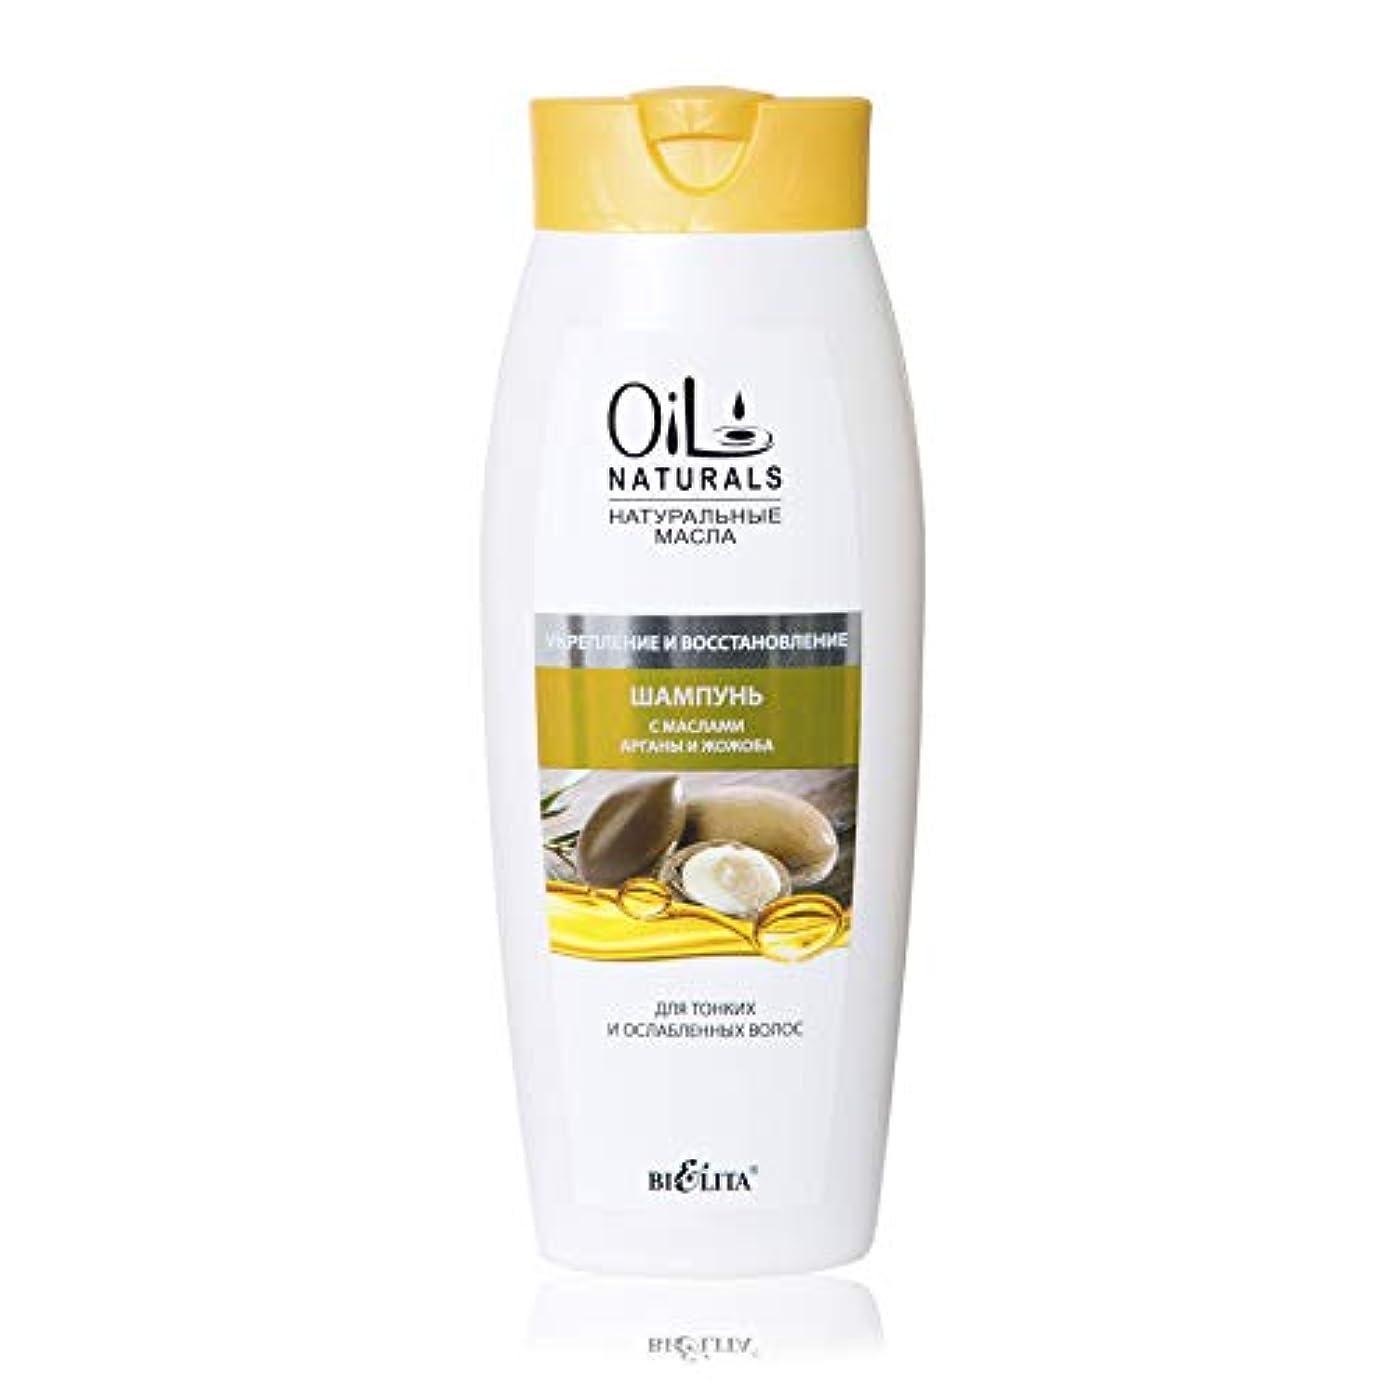 アラスカ編集者戦略Bielita & Vitex Oil Naturals Line | Strengthening & Restoring Shampoo for Thin Hair, 430 ml | Argan Oil, Silk...